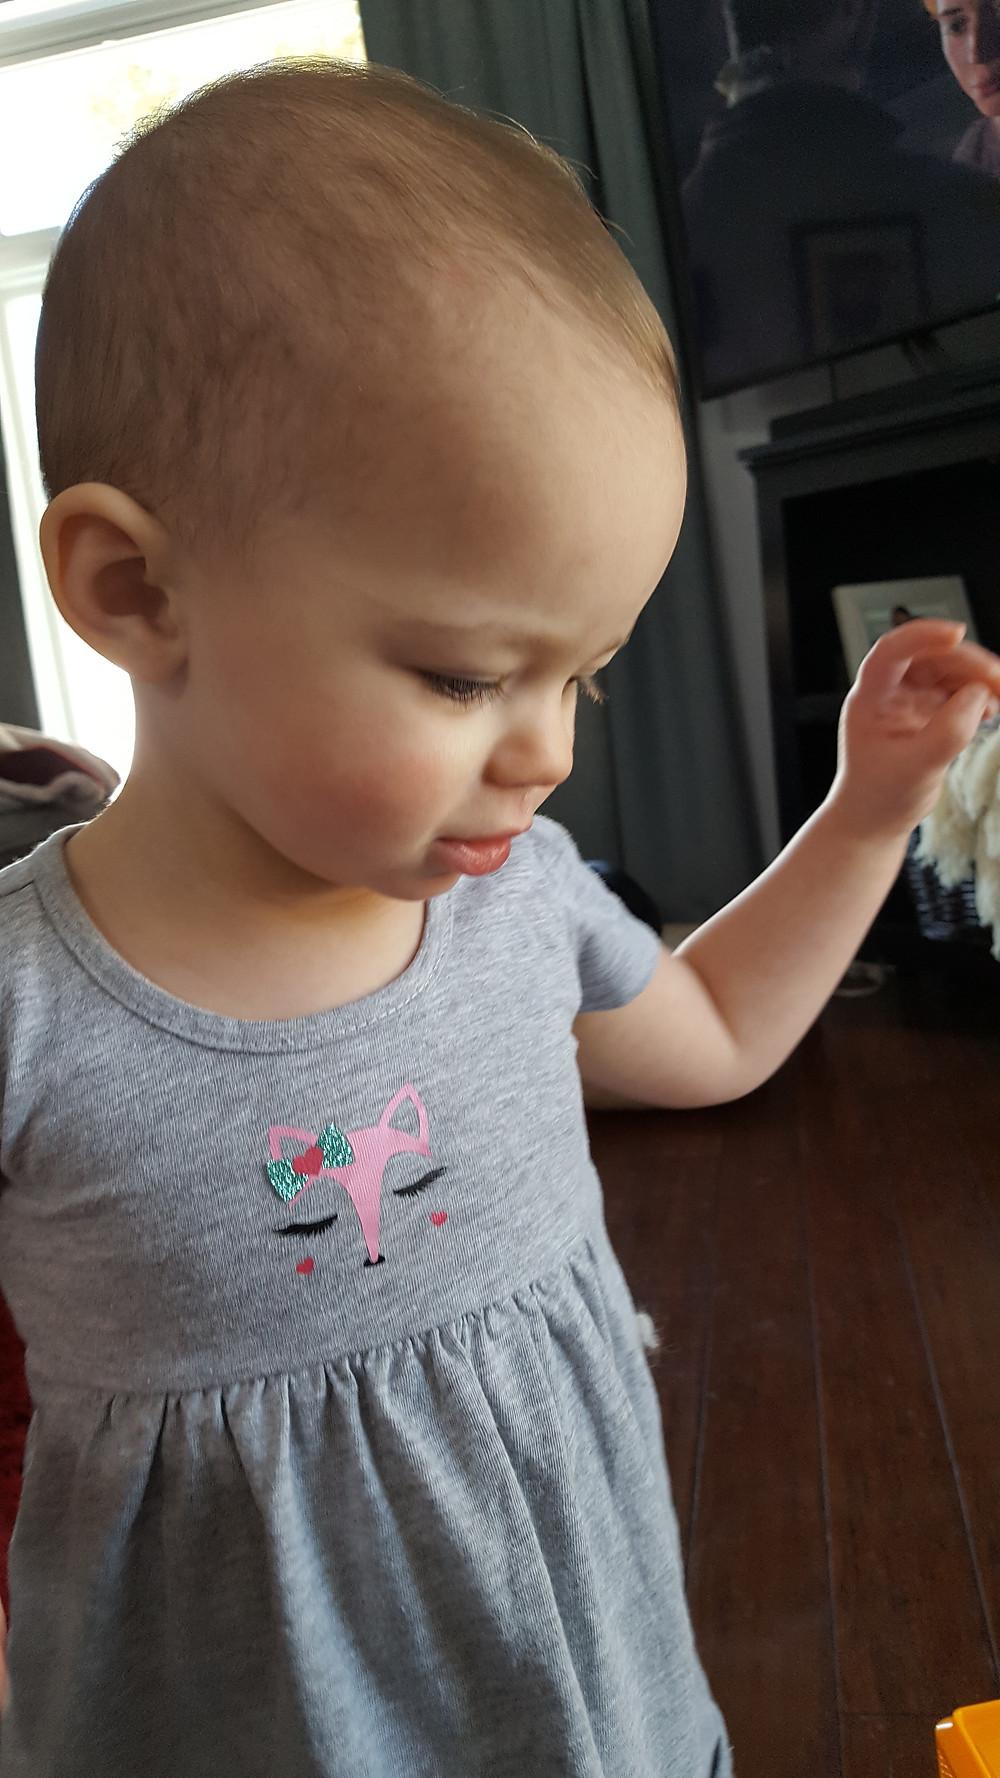 Toddler dress with Heat Transfer Vinyl (HTV) girl fox